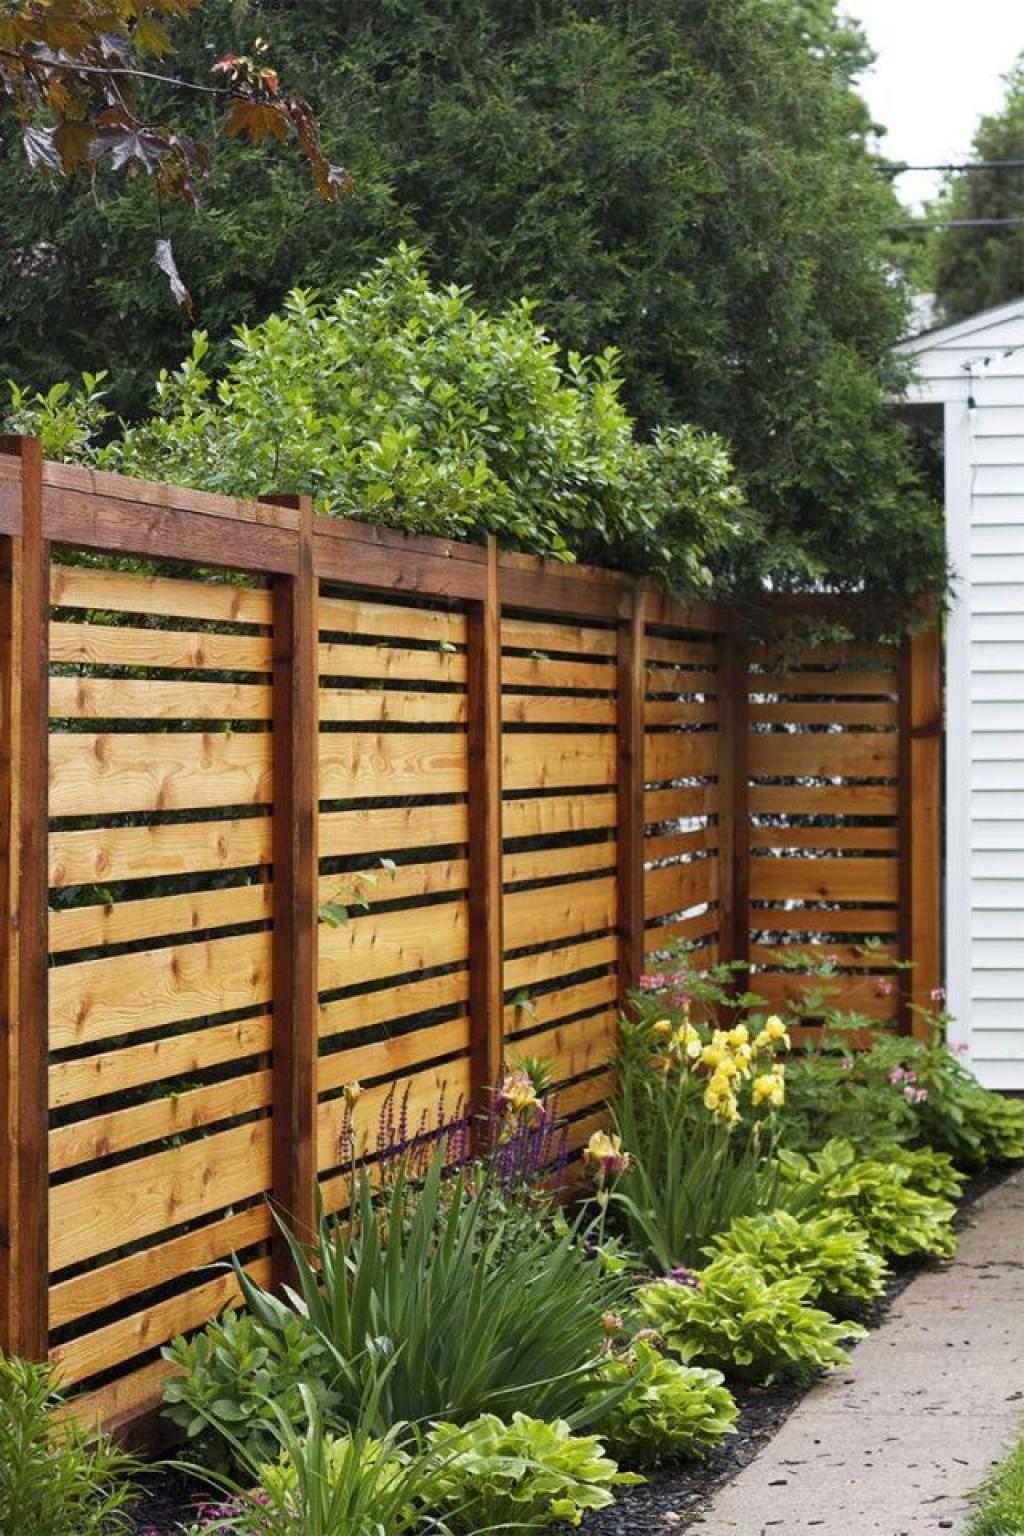 10 Modeles De Clotures Pour Le Jardin Plus D Idees Pour Avoir Du Choix In 2020 Backyard Fences Backyard Privacy Privacy Fence Designs